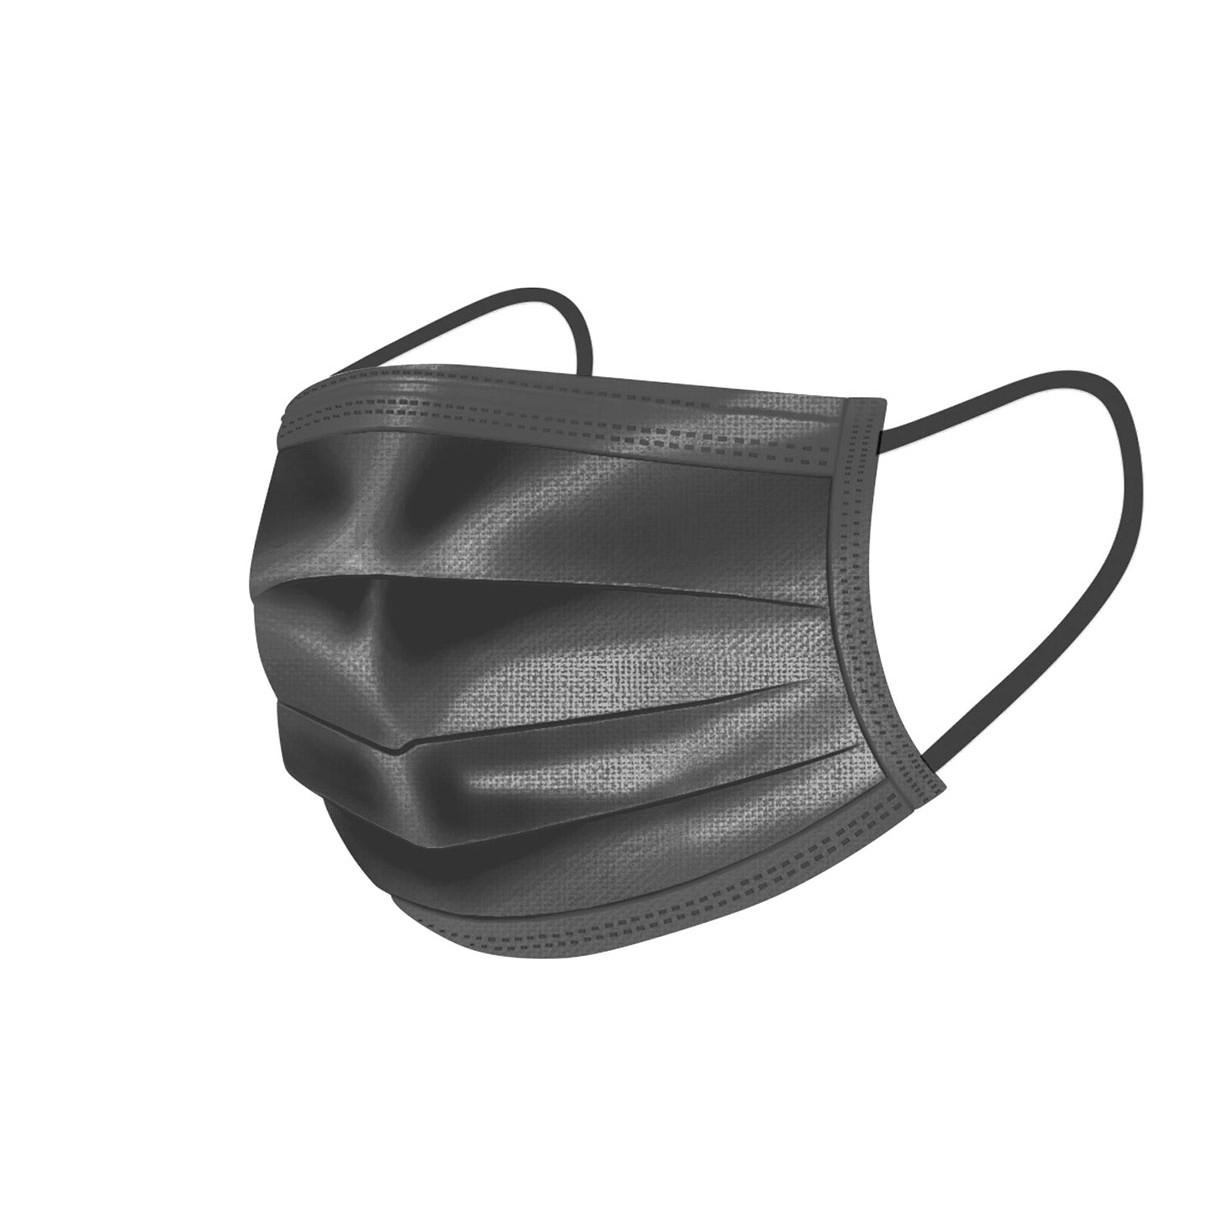 čierne ochranné rúška na tvár 50ks 3-vrstvové medicorp.sk